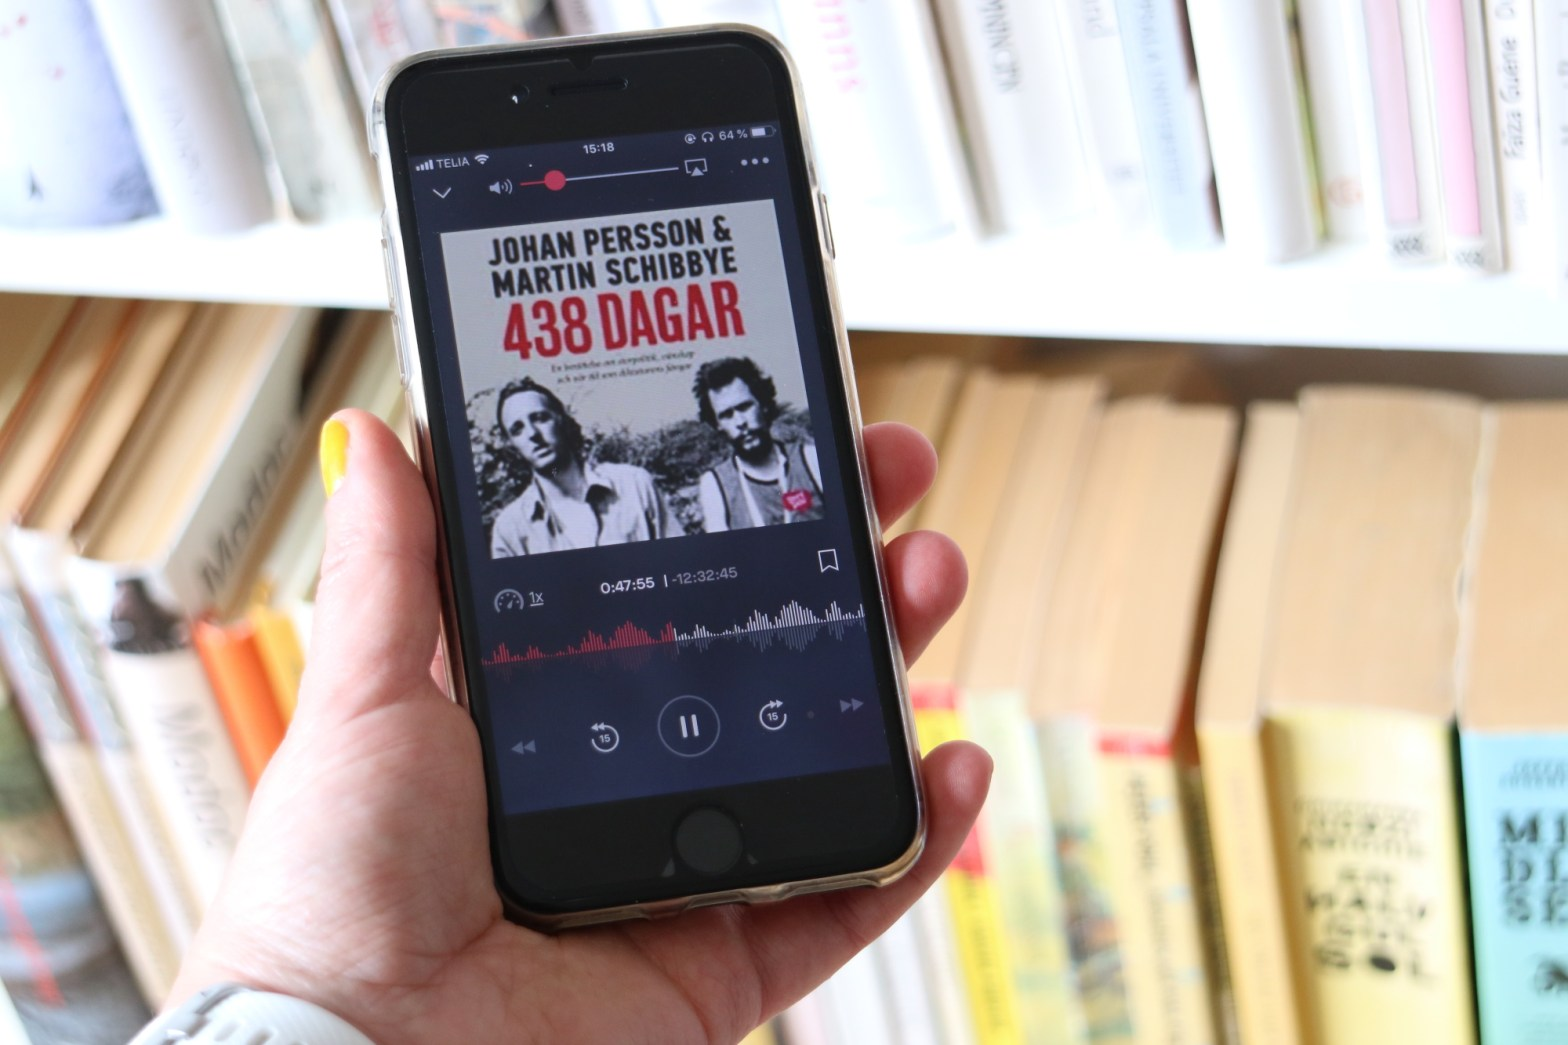 438 dagar av Martin Schibbye och Johan Persson